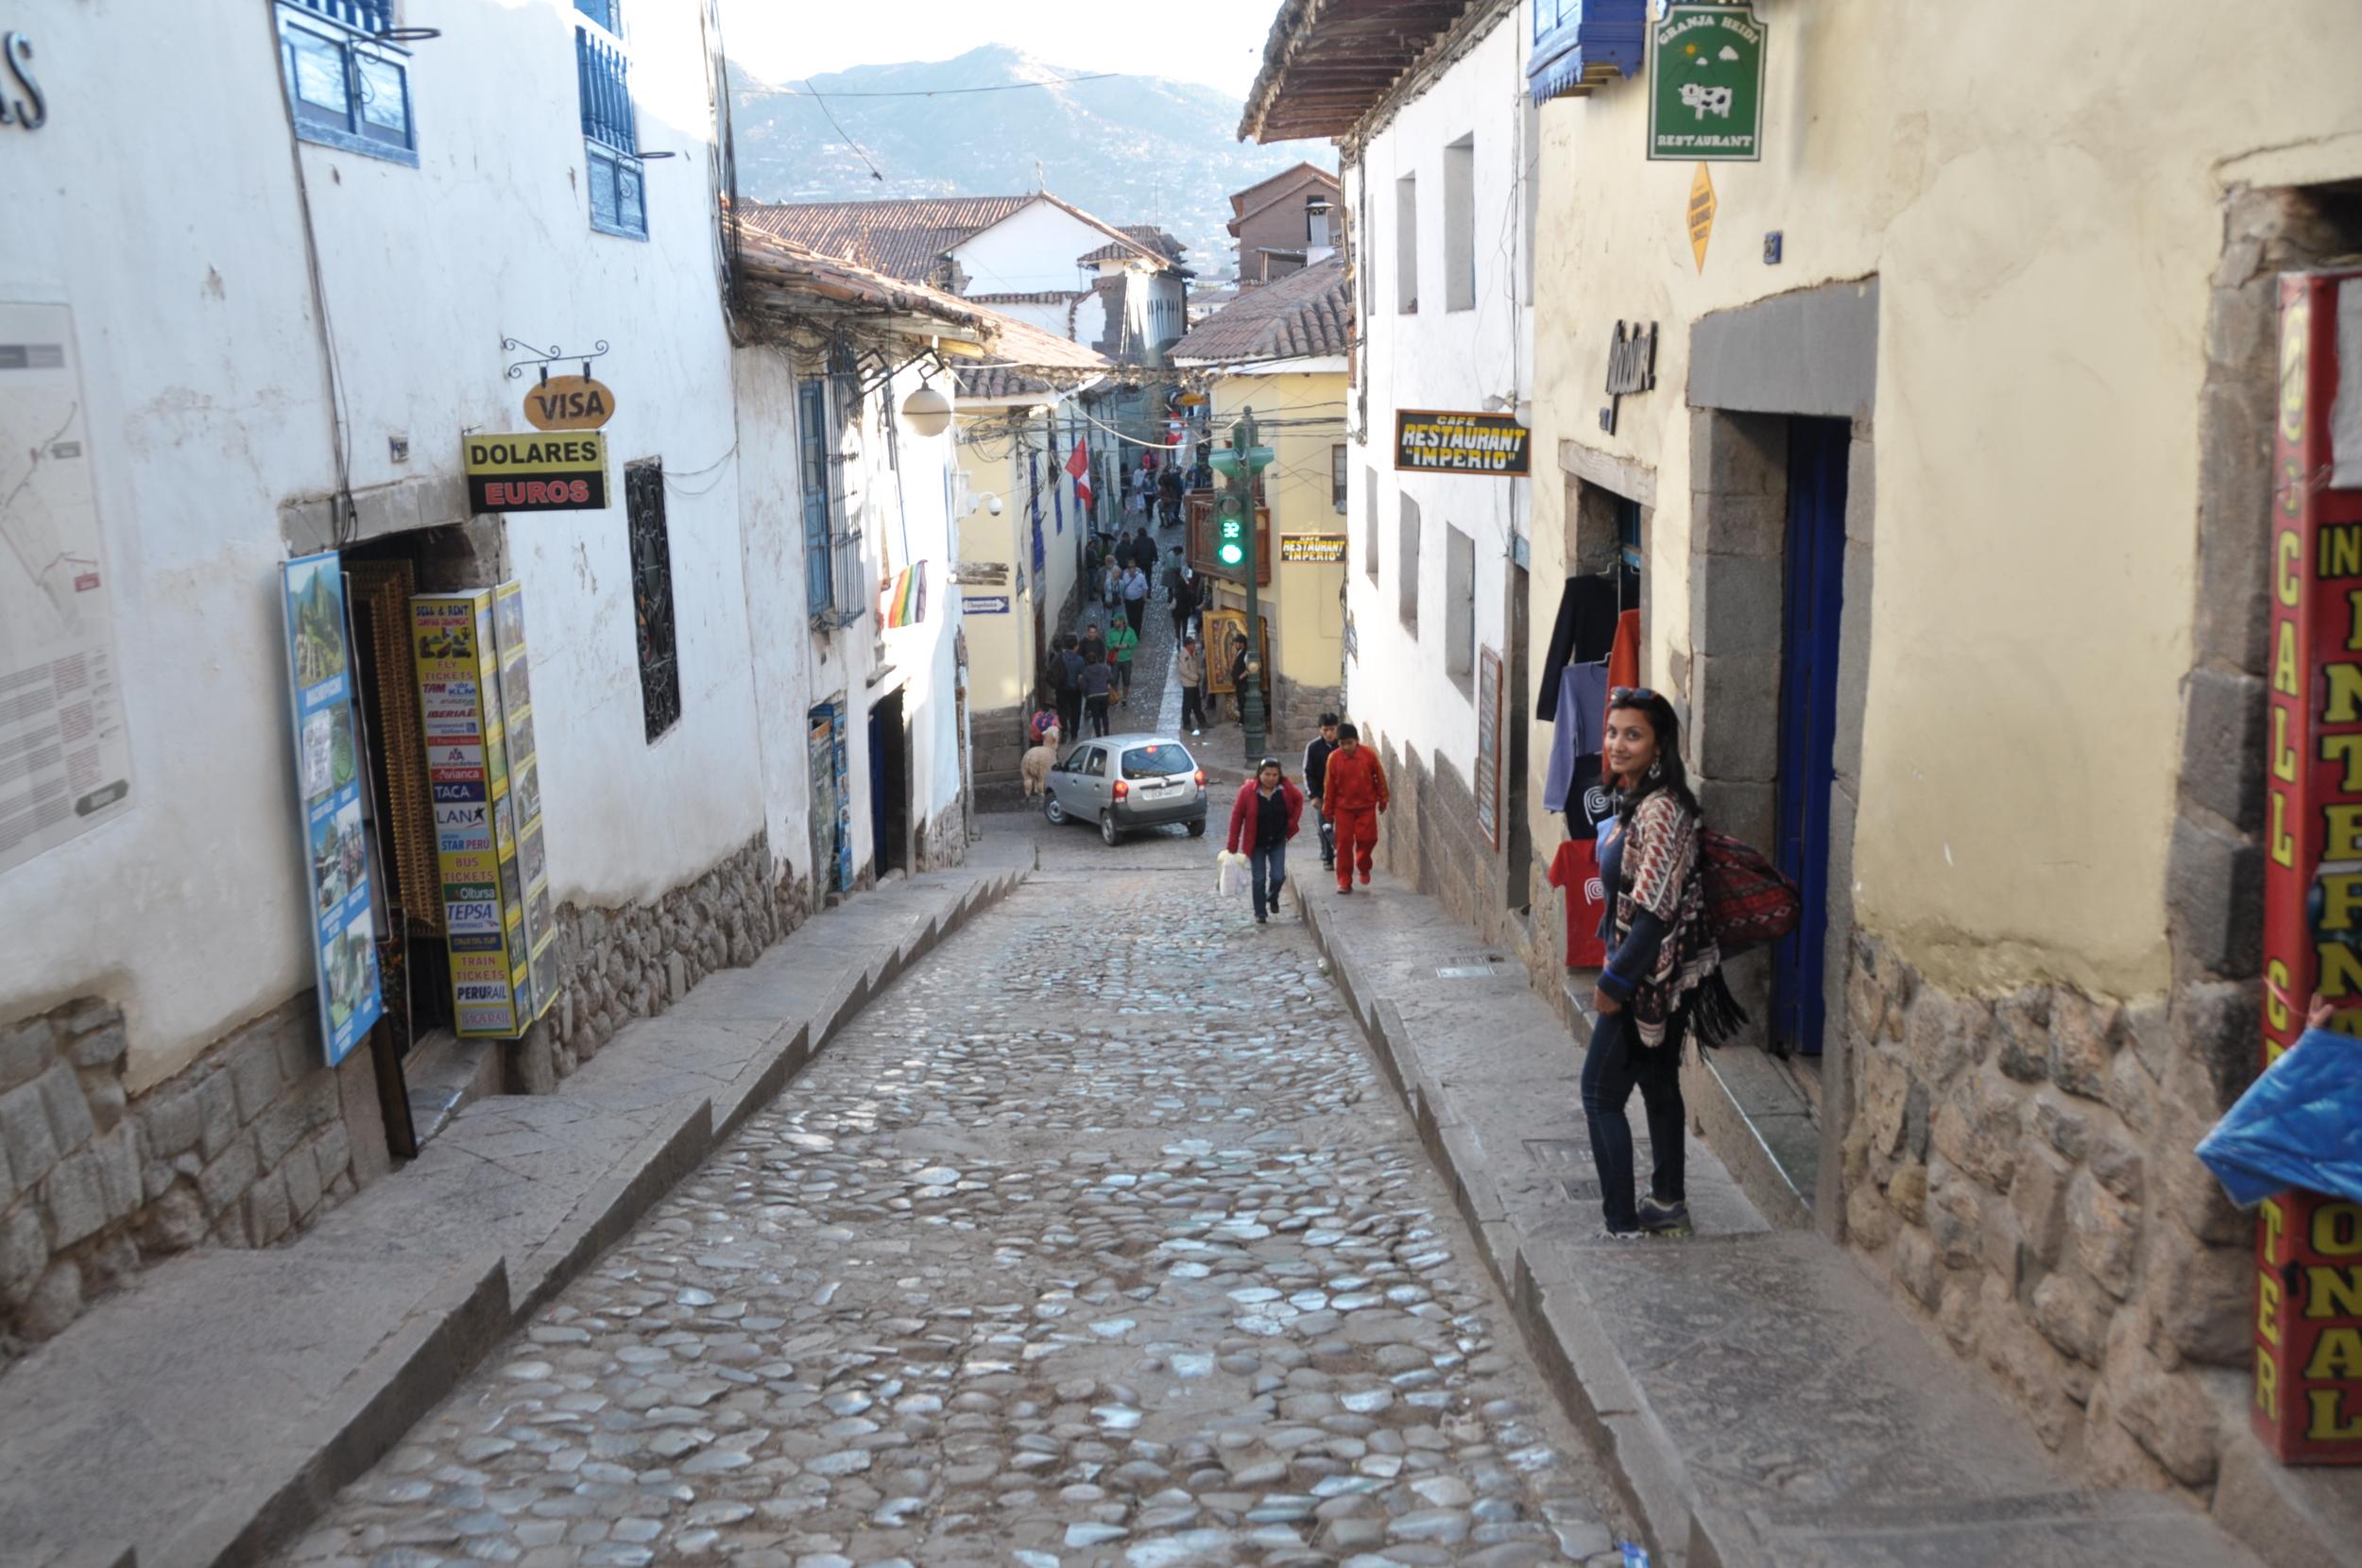 Walking around San Blas